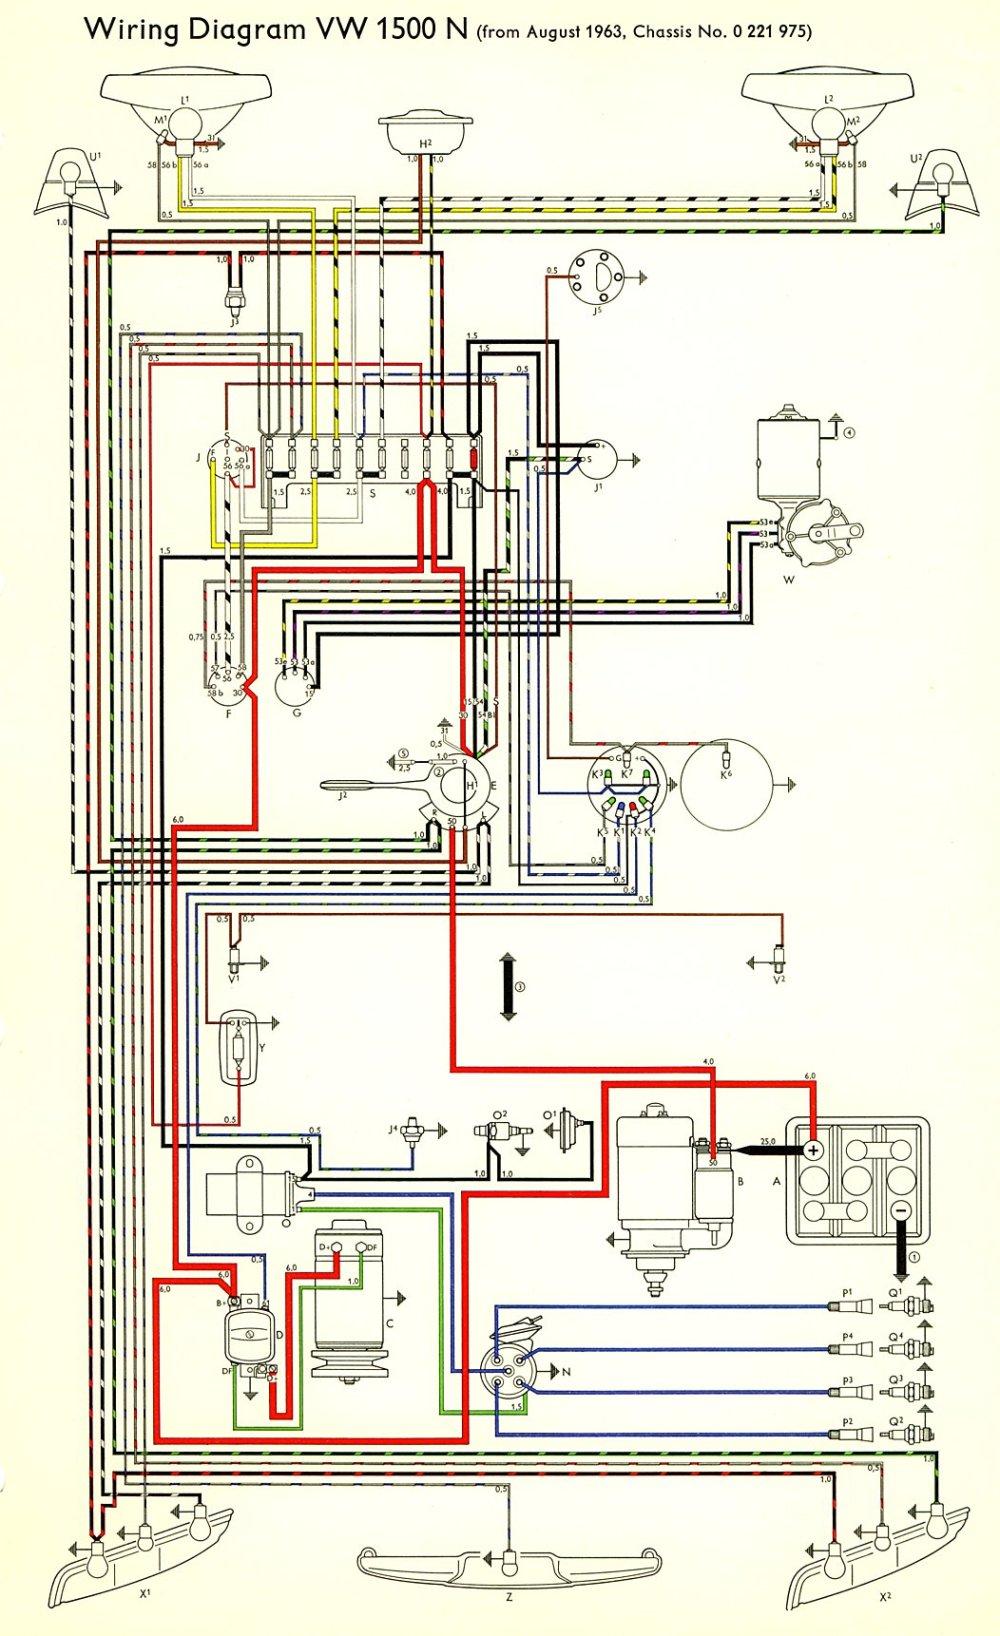 medium resolution of 1964 volkswagen wiring diagram 30 wiring diagram images 1964 vw beetle wiring diagram vw sand rail